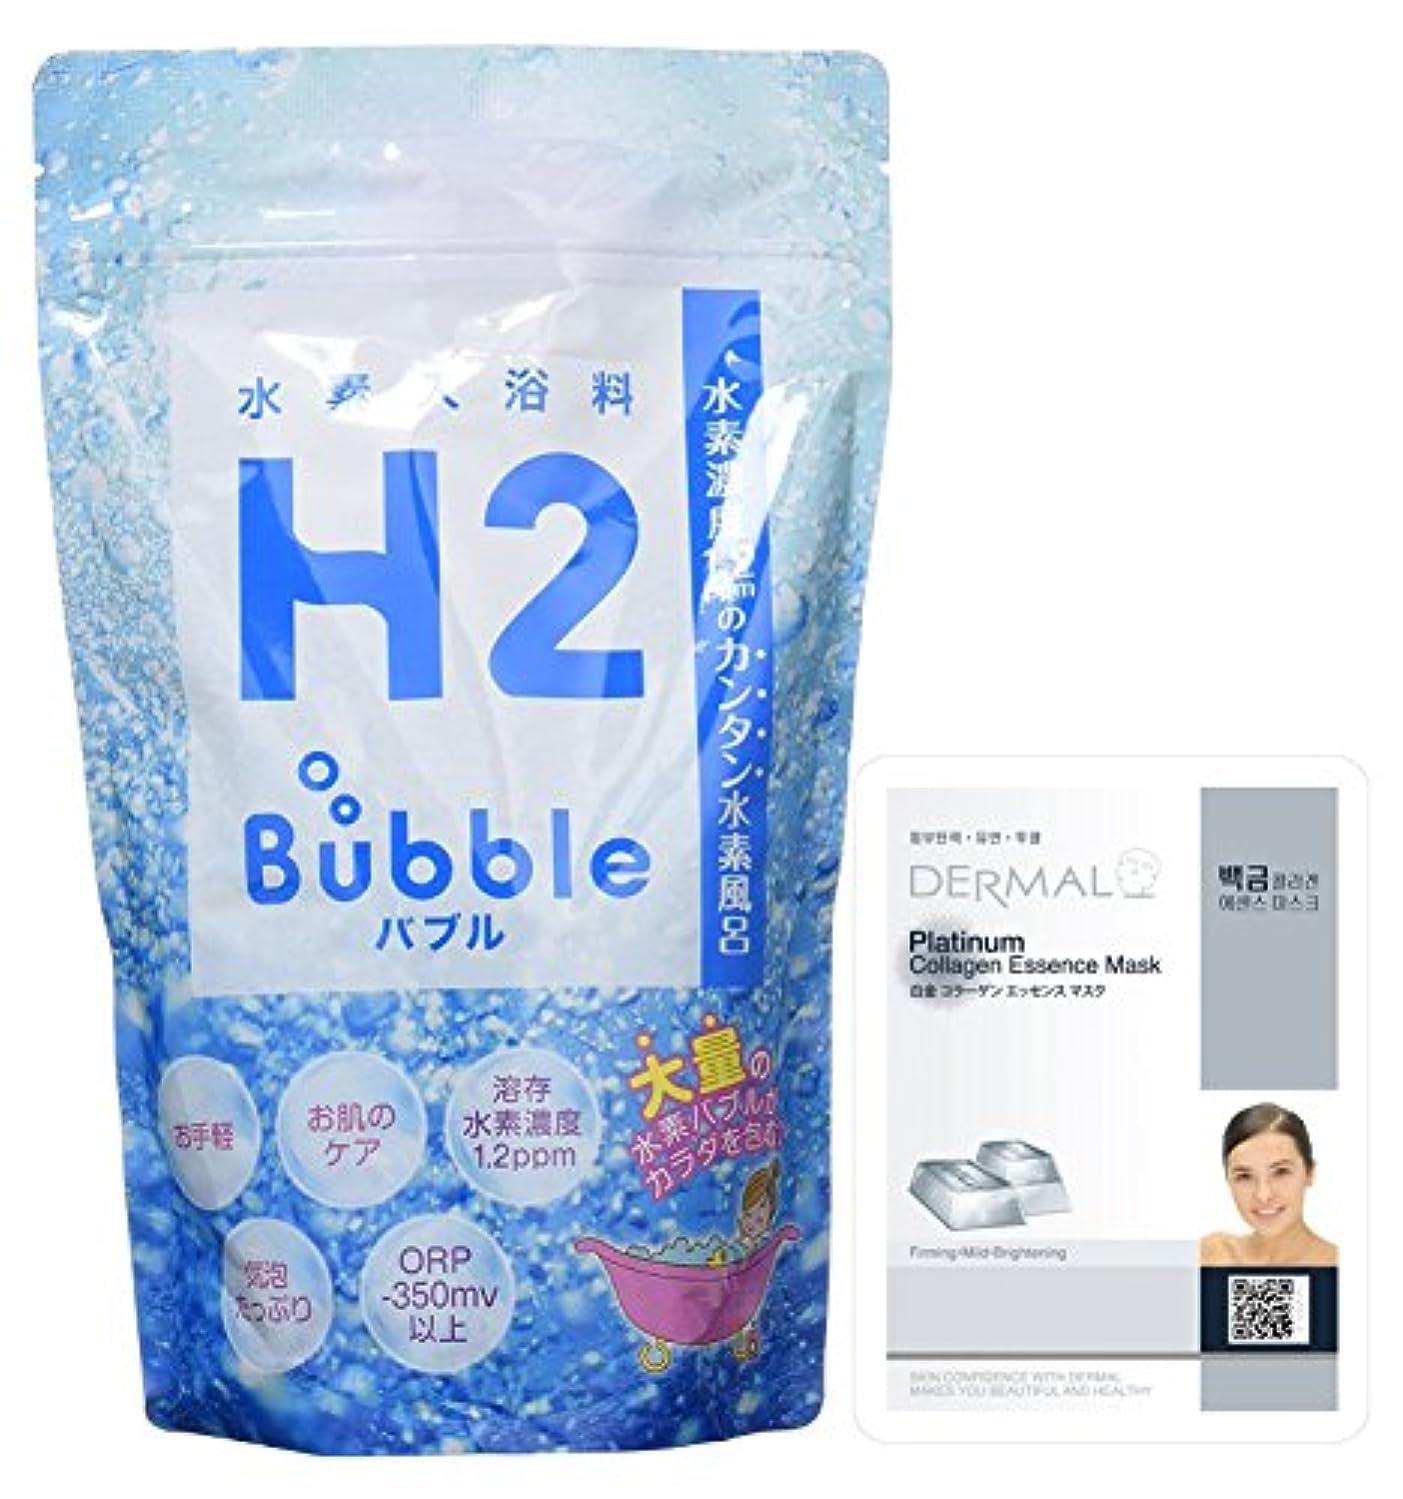 形容詞コミュニケーション訪問水素 入浴剤 H2Bubble(エイチツーバブル)お徳用パック 700g (30日分)+白金シートパック1P セット